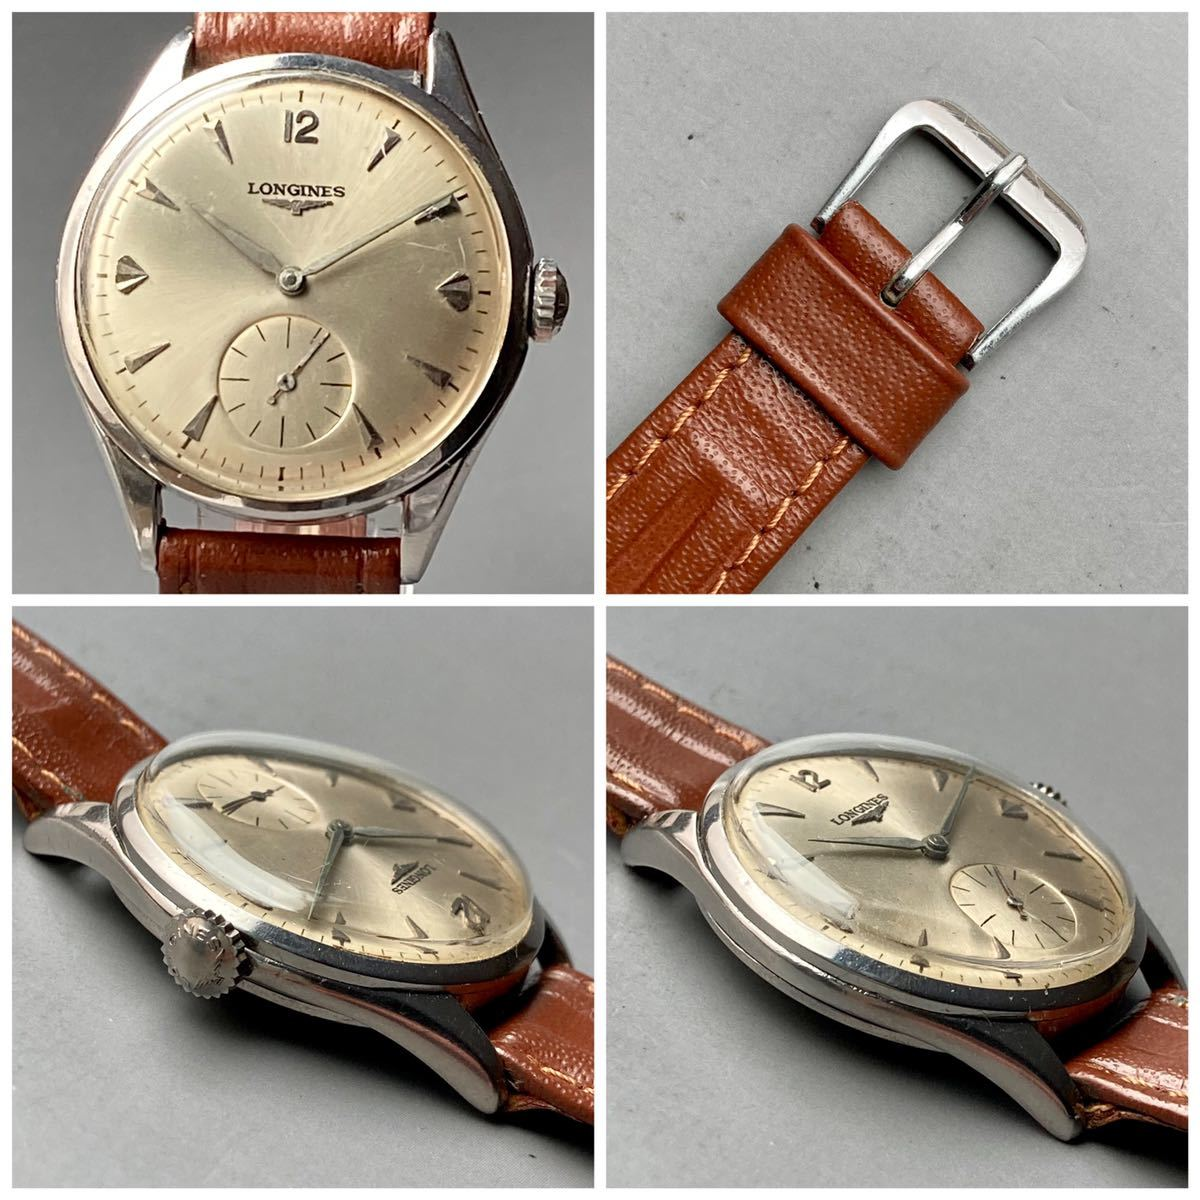 動作良好★ロンジン アンティーク 腕時計 1950年代 メンズ 手巻き cal.12.68Z ケース径33㎜ LONGINES ビンテージ ウォッチ 男性 スイス_画像4